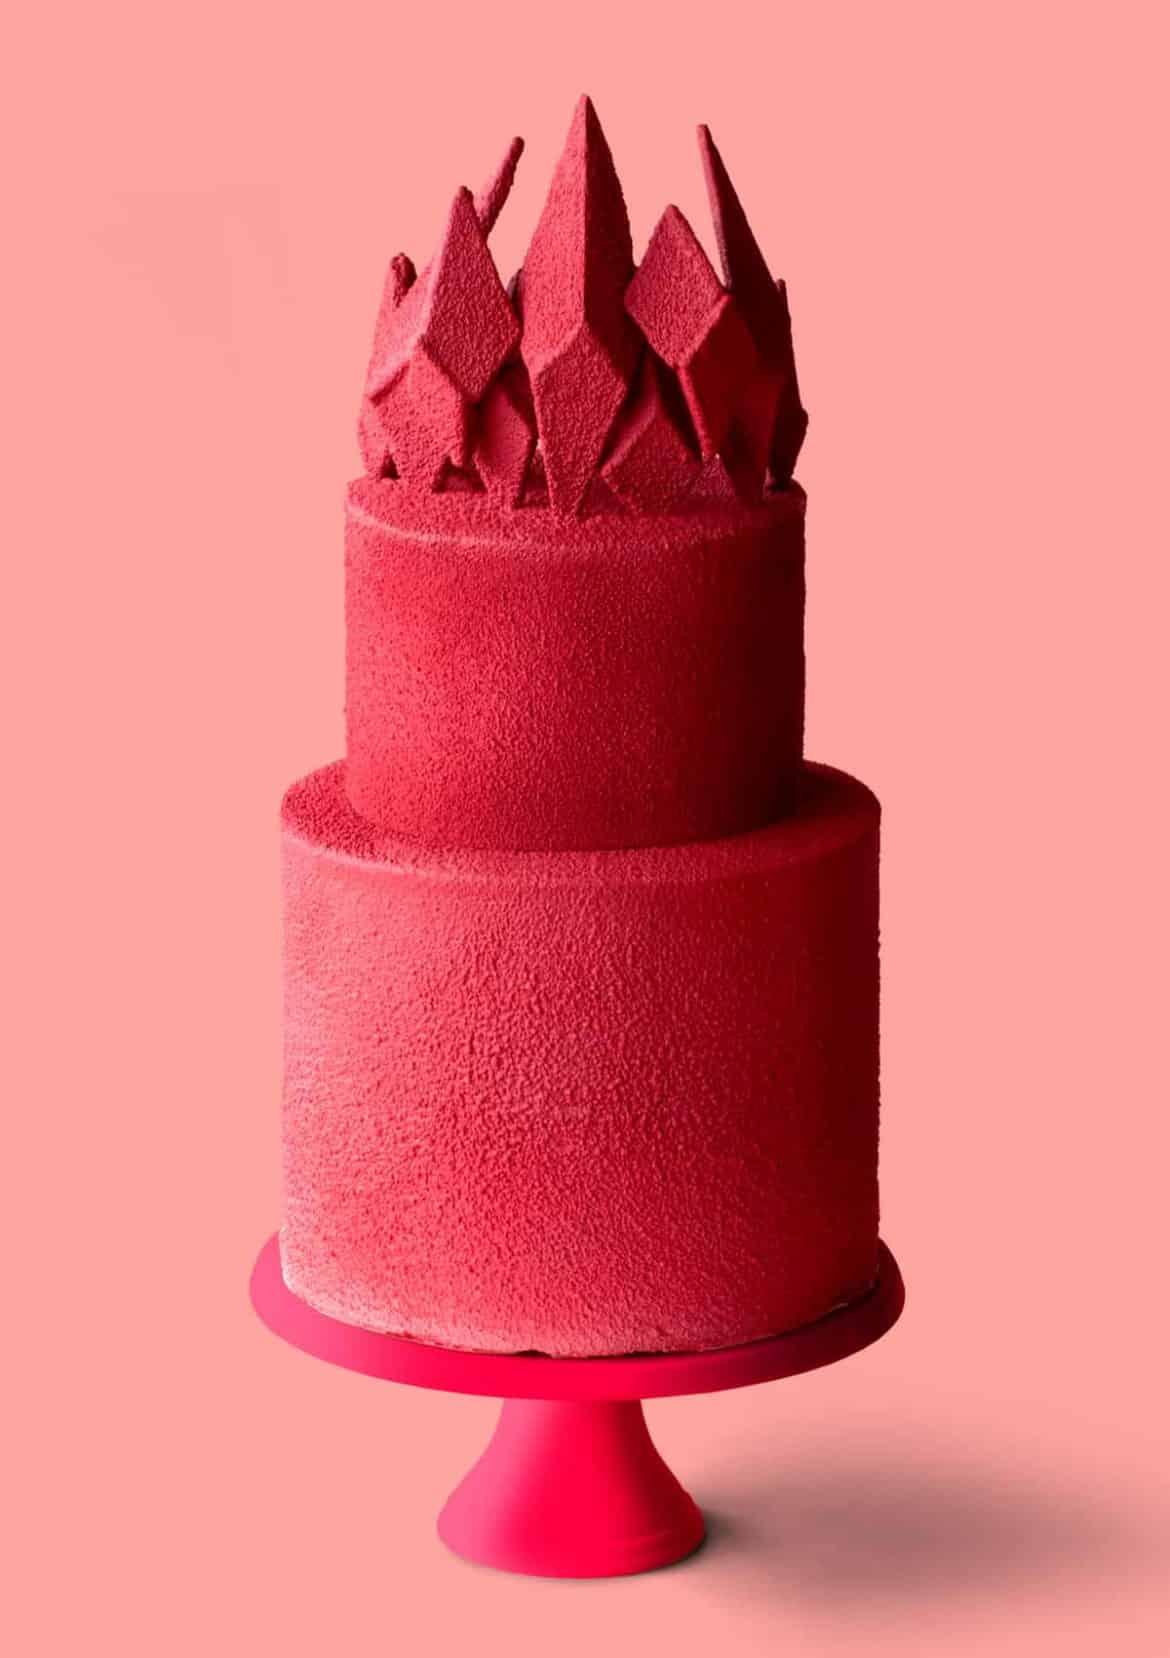 Killer Queen Cake